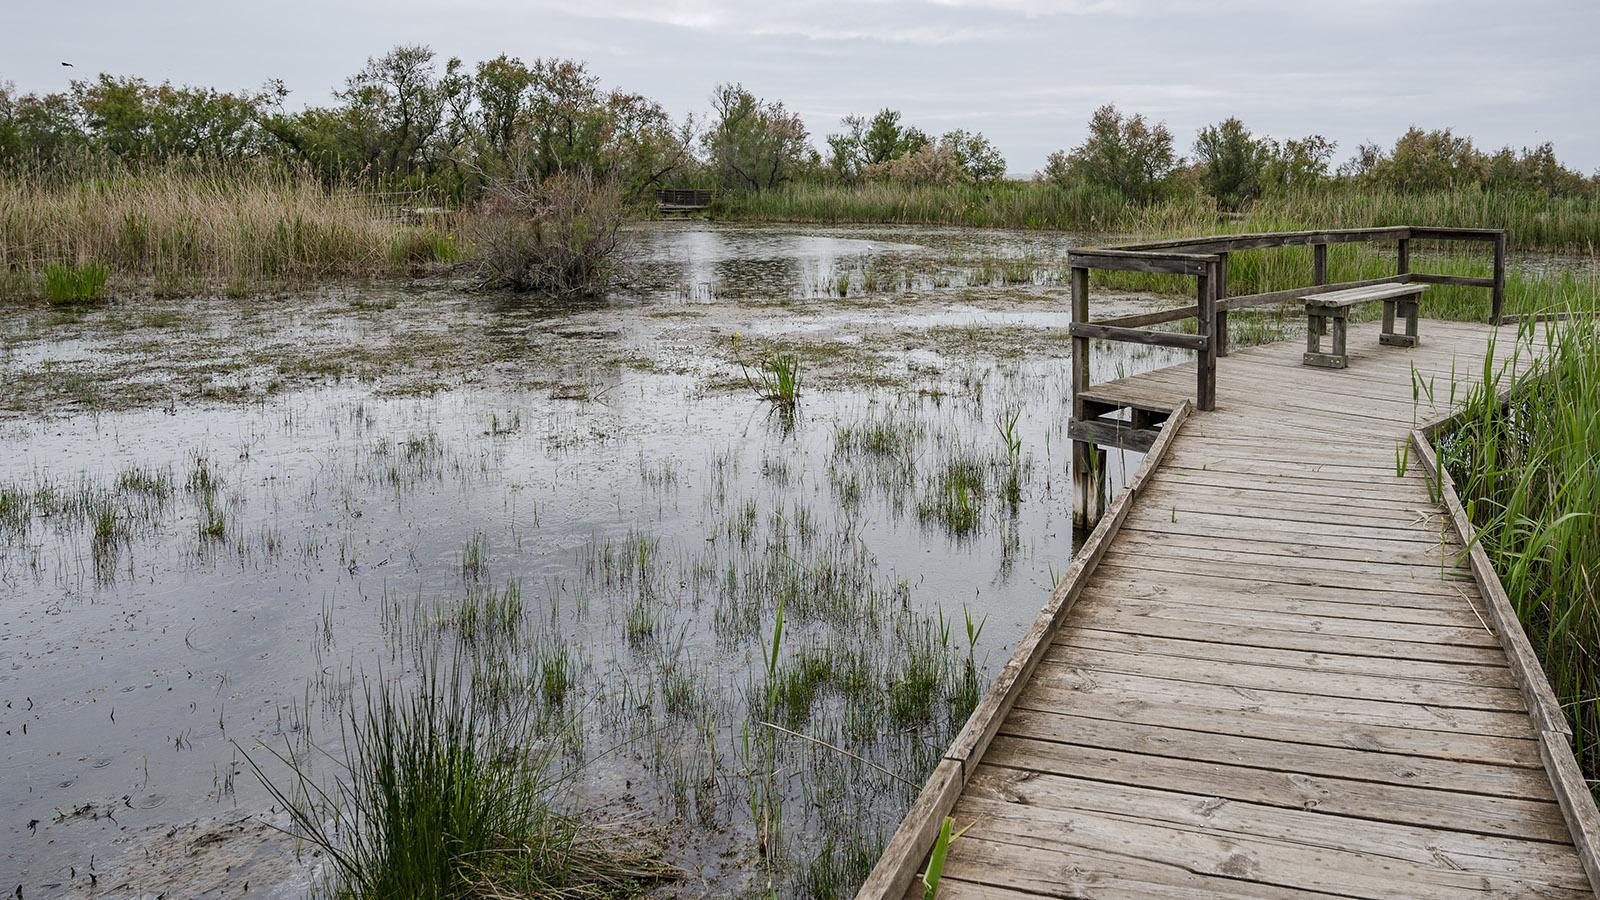 Bohlenwege führen durch die amphibische Landschaft und hin zu Aussichtspunkten. Foto: Hilke Maunder